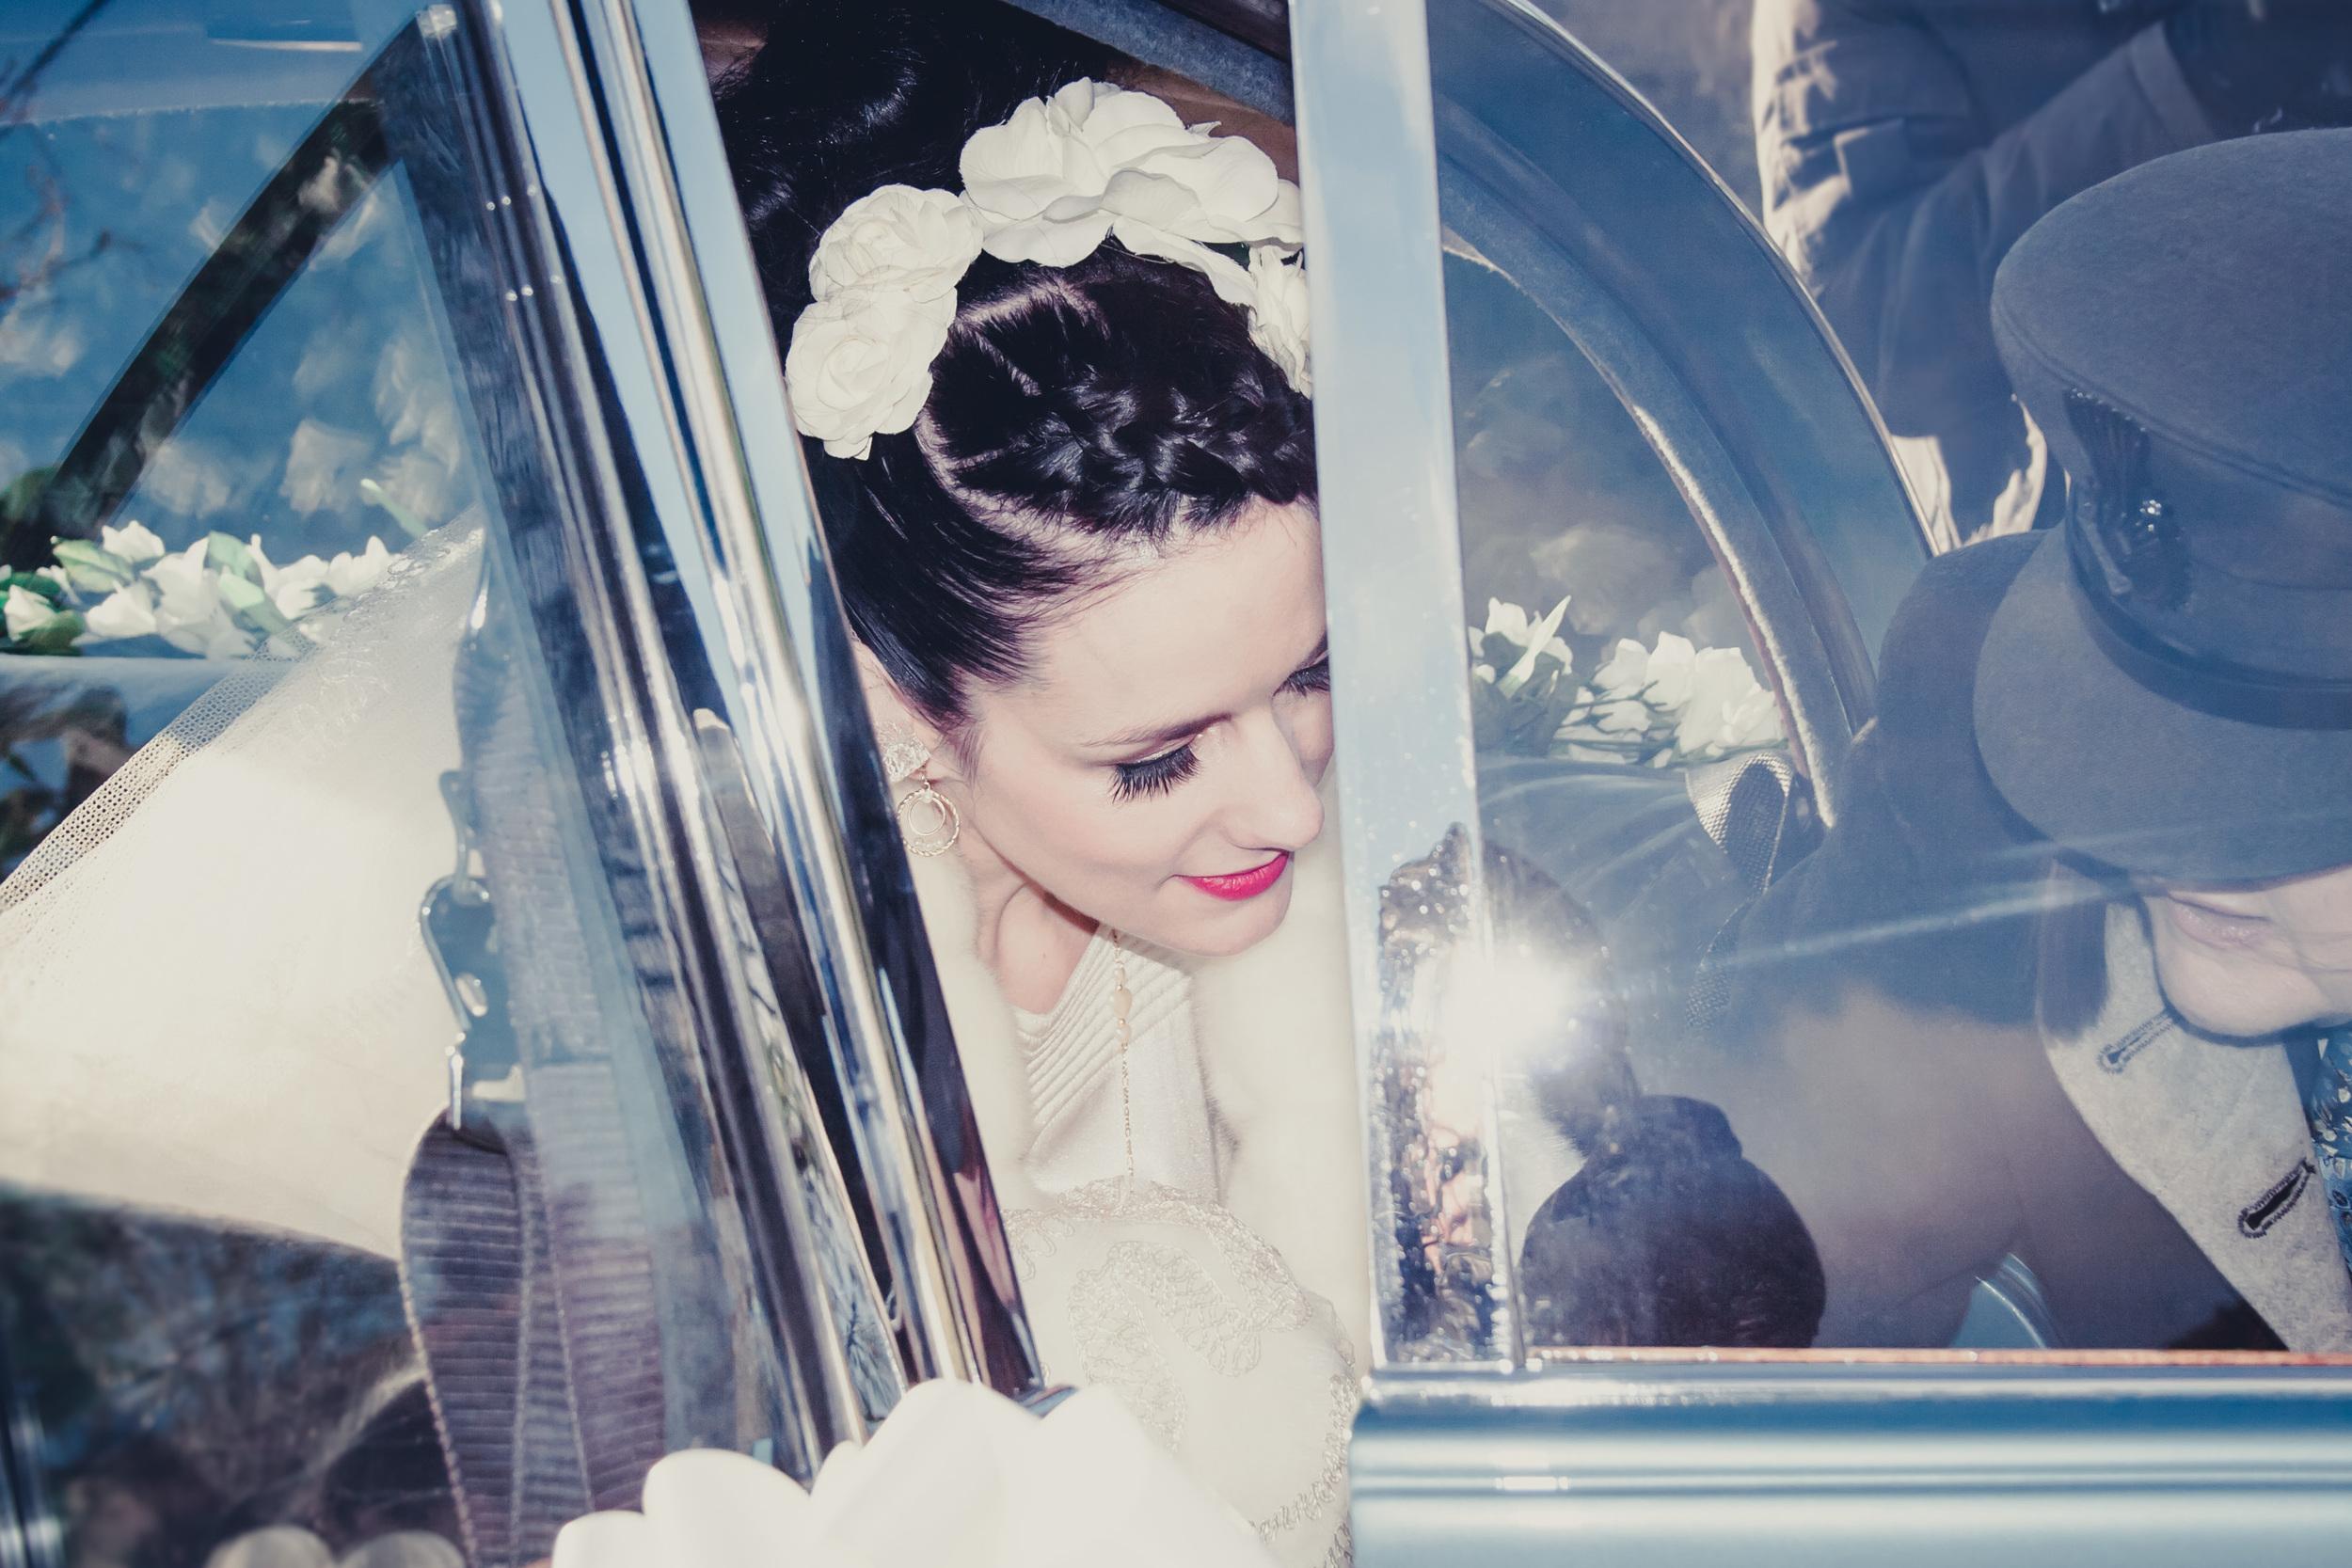 064 - Angela and Karls Wedding by www.markpugh.com -2045.jpg